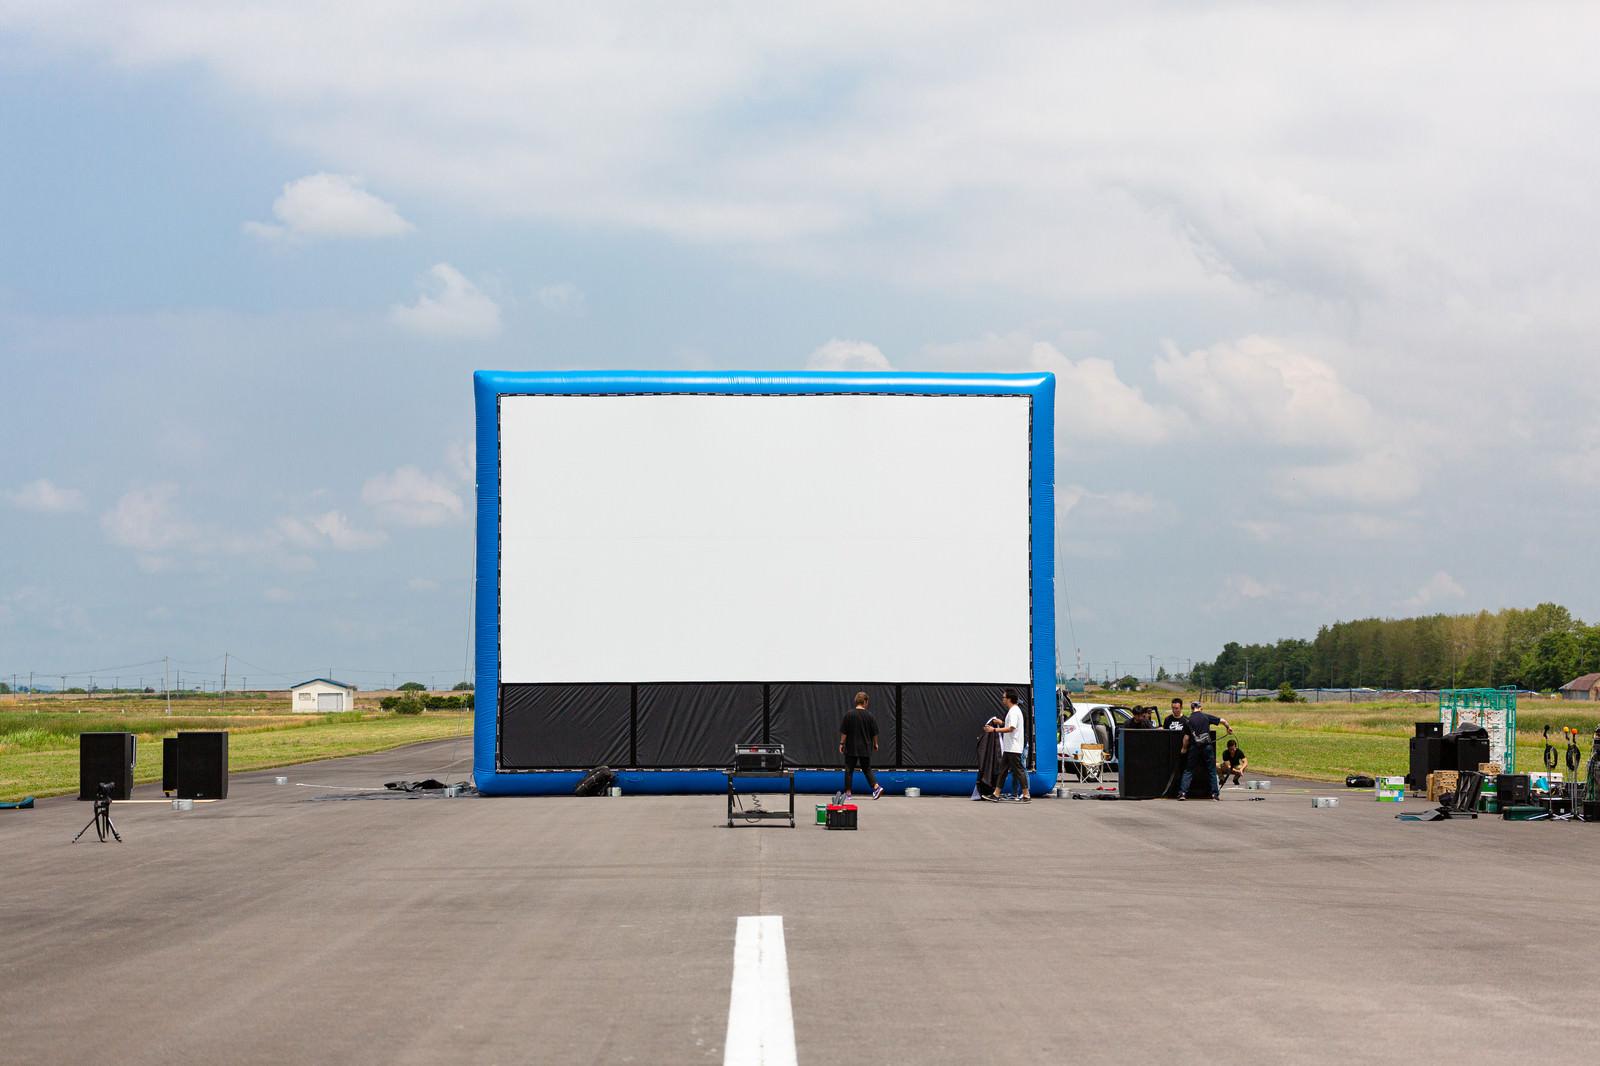 「巨大スクリーンを準備するスタッフ」の写真